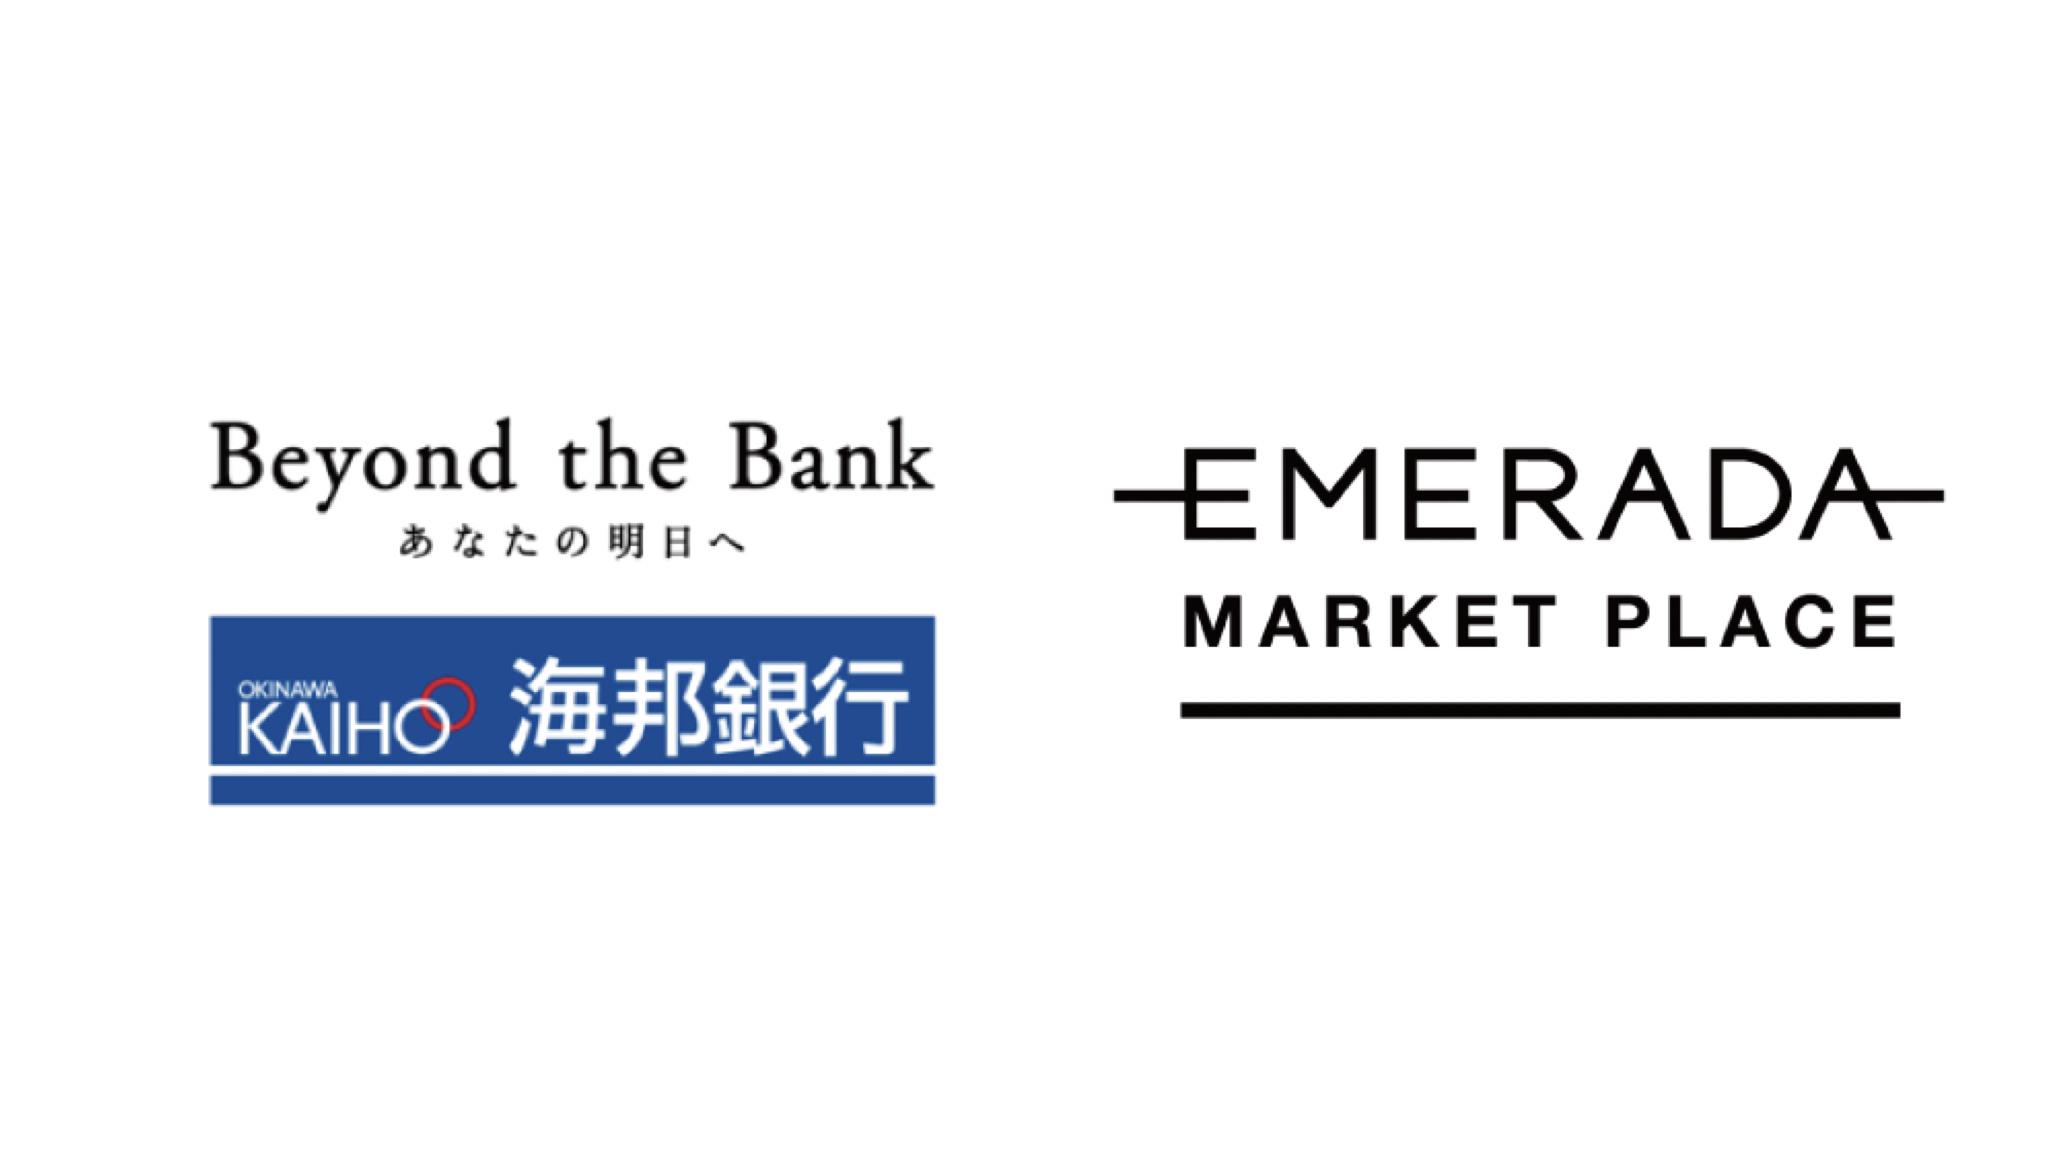 エメラダ×沖縄海邦銀行 | オンライン資金繰管理サービスの実証実験を開始